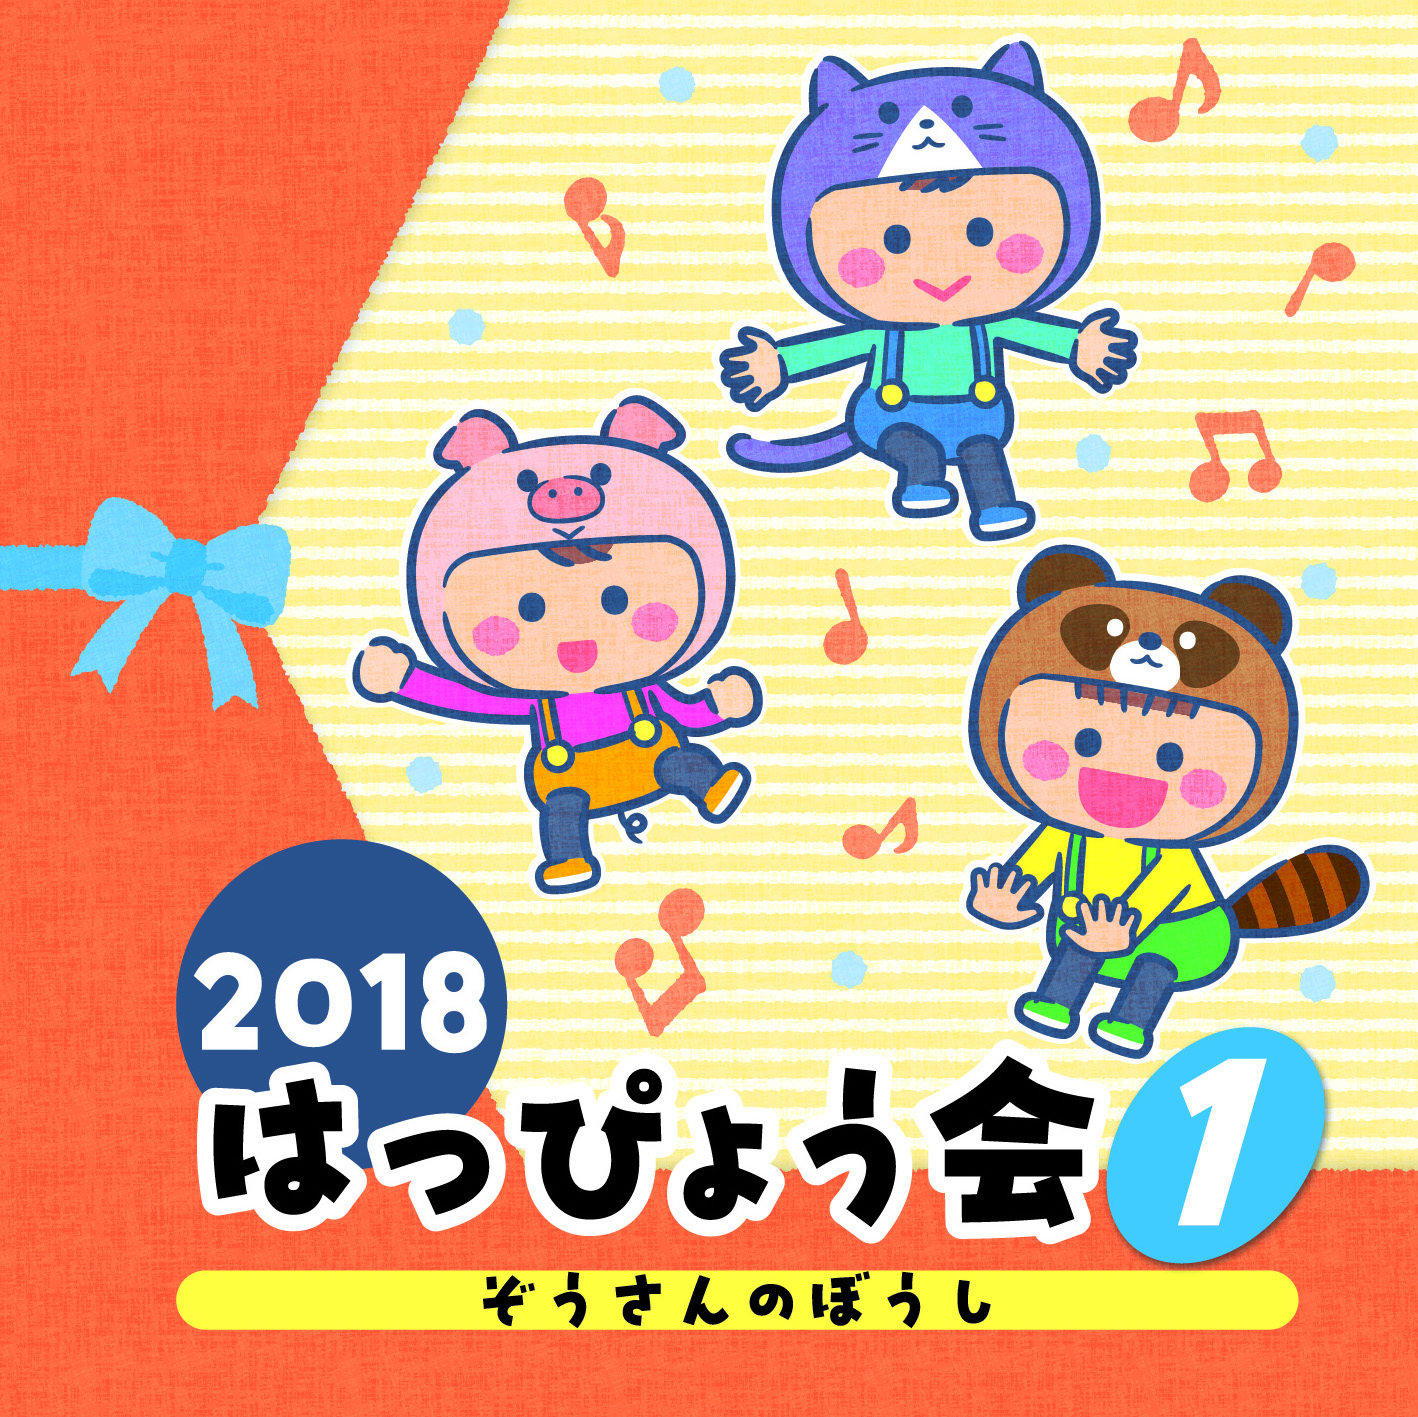 2018 はっぴょう会 (1) ぞうさんのぼうし